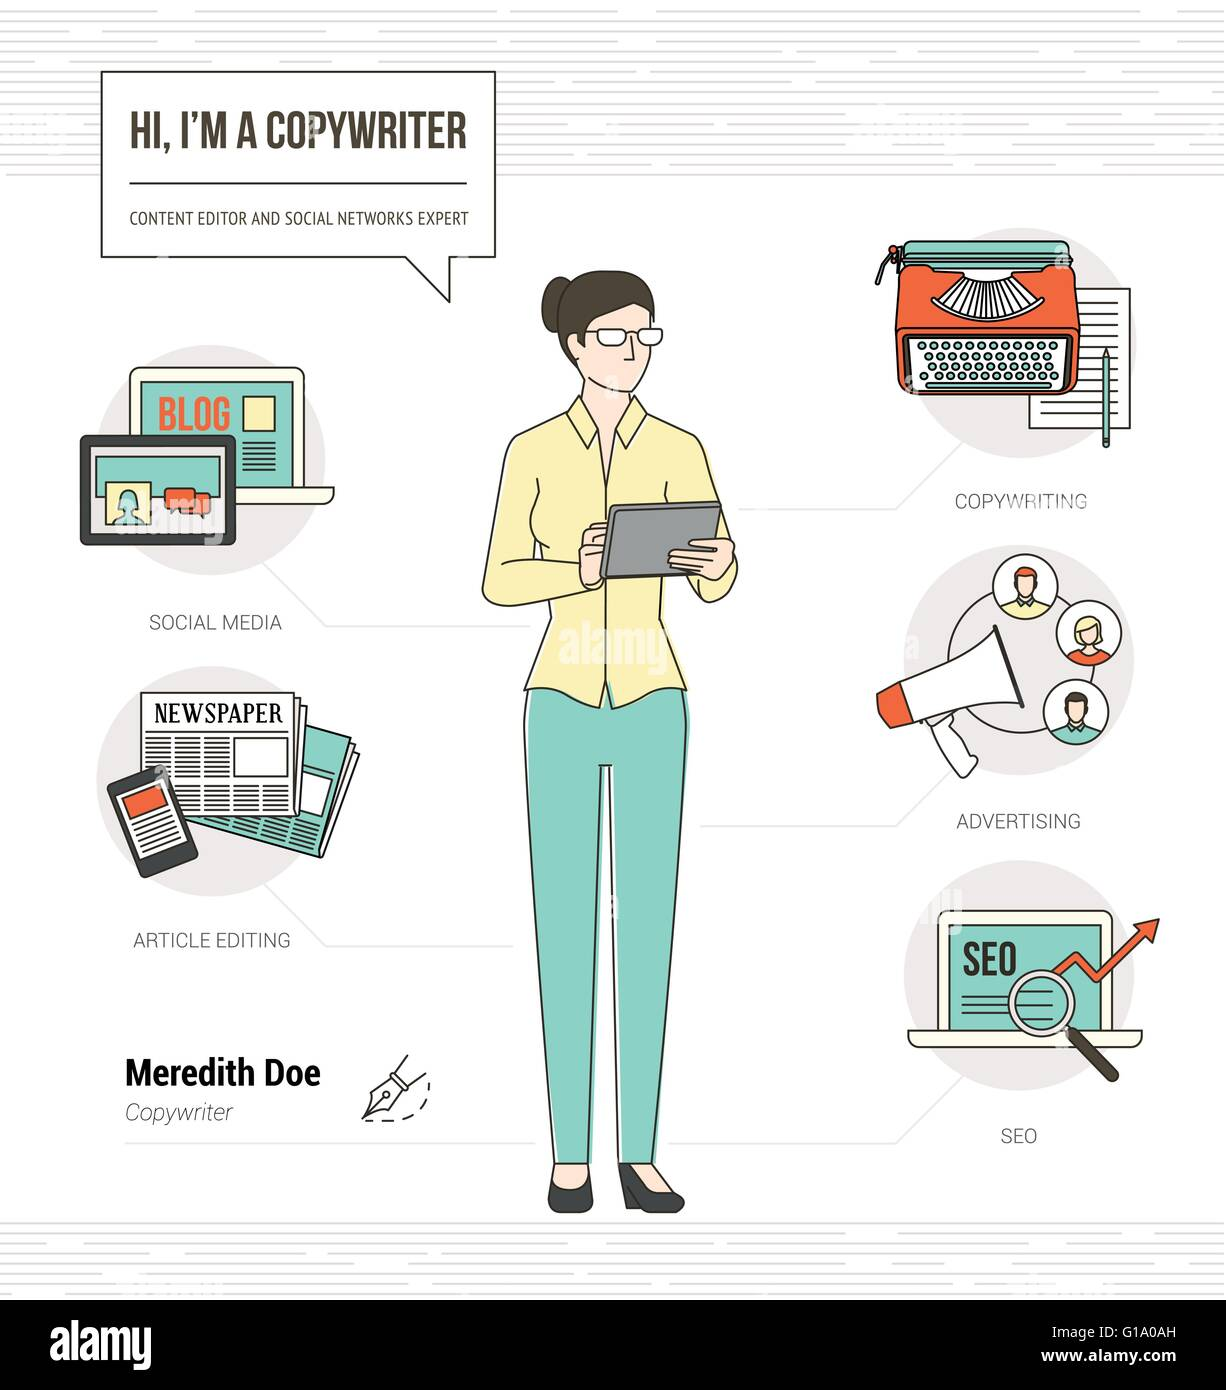 professionelle texter infografik fhigkeiten lebenslauf mit icons und tools - Fahigkeiten Lebenslauf